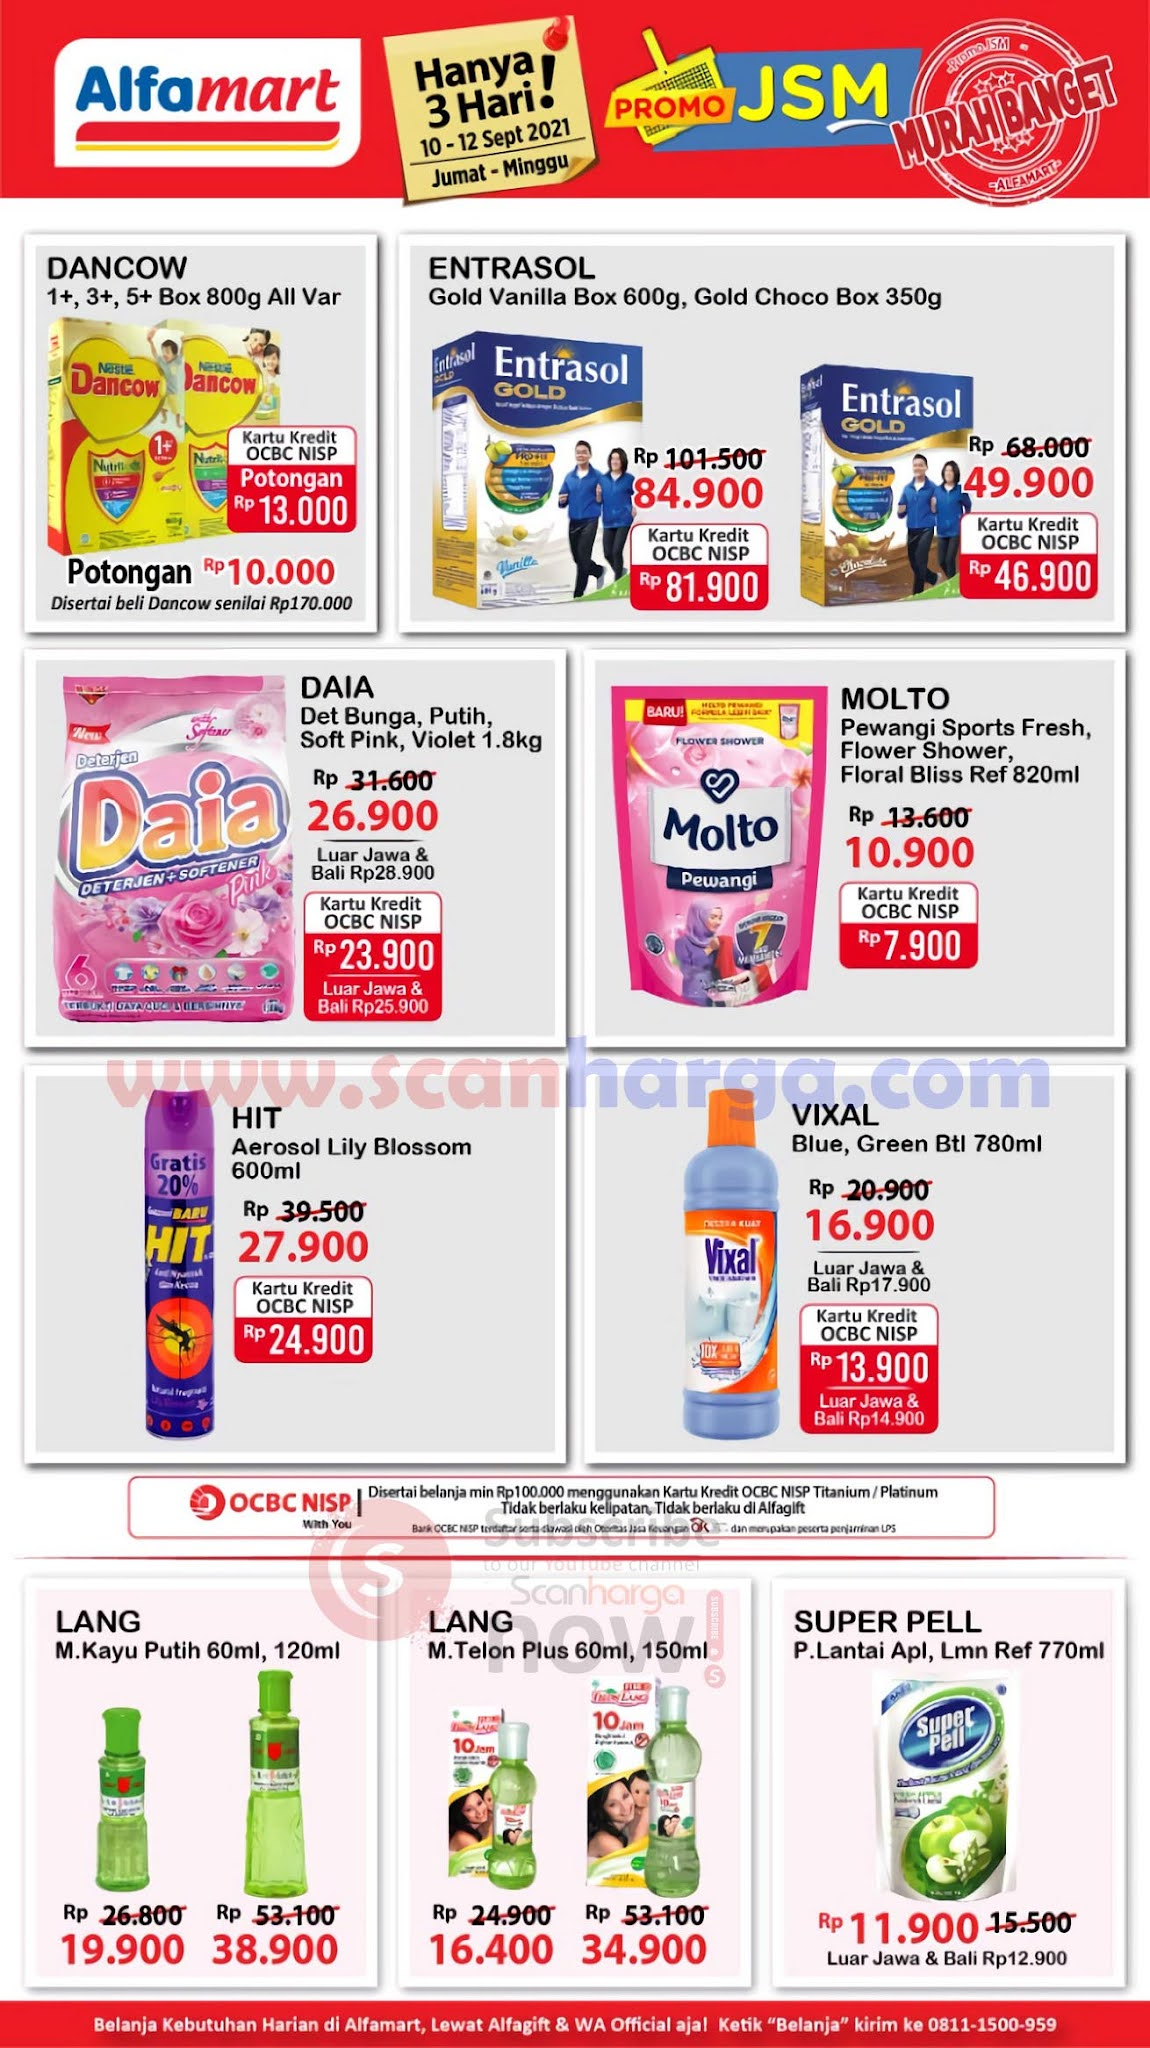 Katalog Promo JSM Alfamart Weekend 10 - 12 September 2021 4